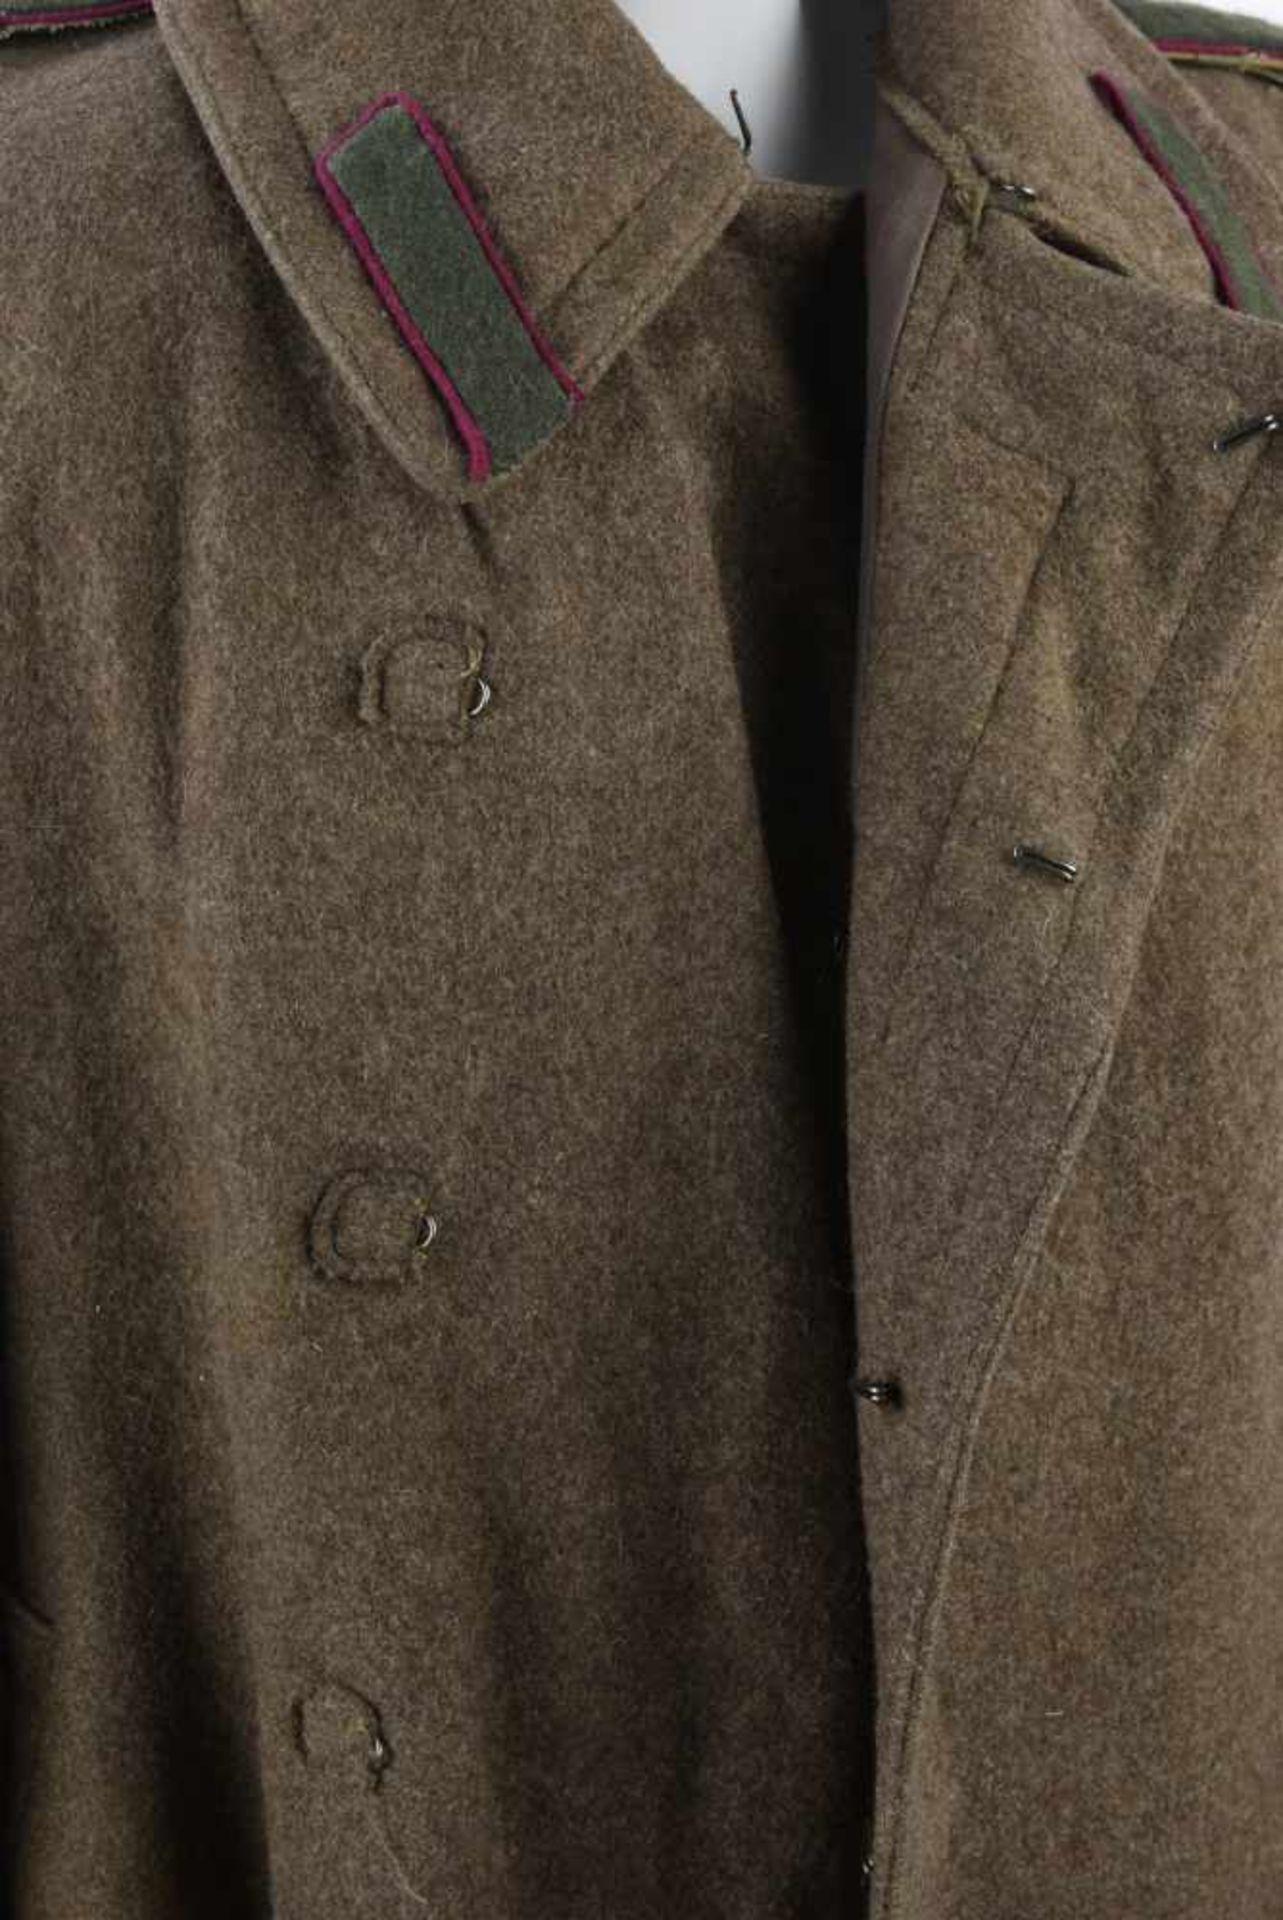 Los 1721 - Capote M.43, complète Bonne taille, bon état. Fabrication allemande, datée 1949. Possède pattes de